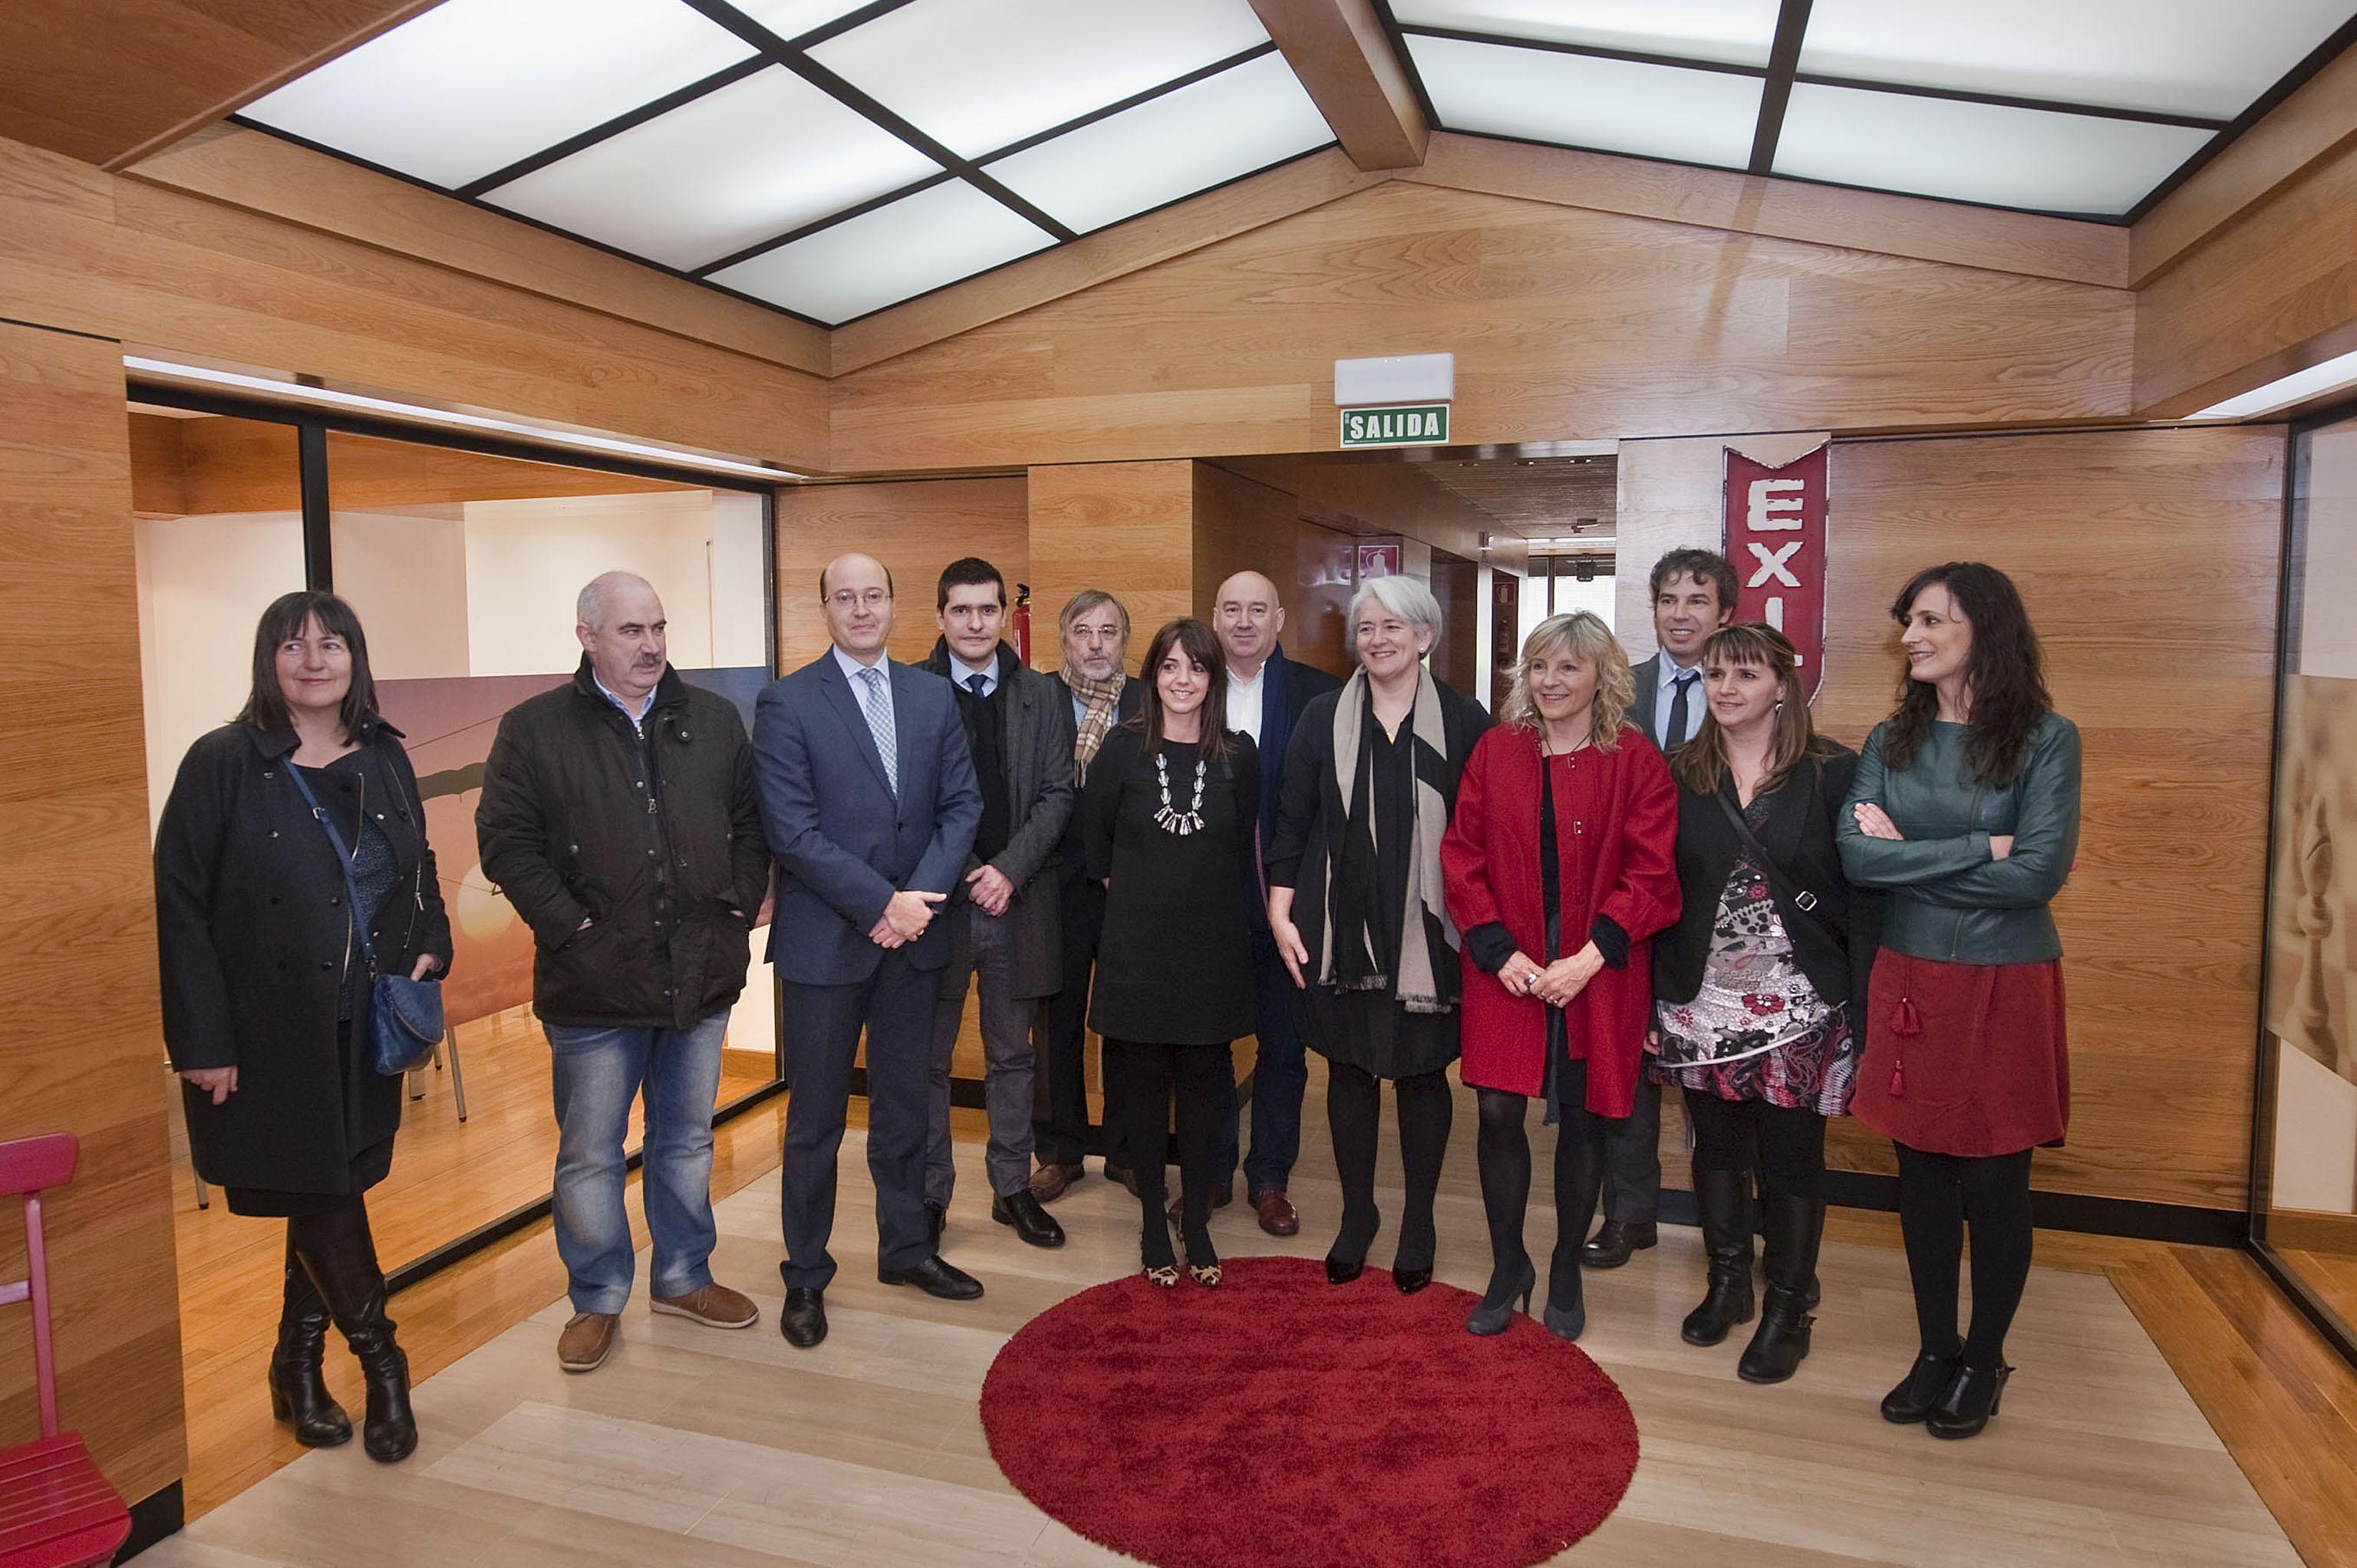 El gobierno de navarra abre en pamplona una oficina para fomentar el emprendimiento empresarial - Oficina de empleo navarra ...